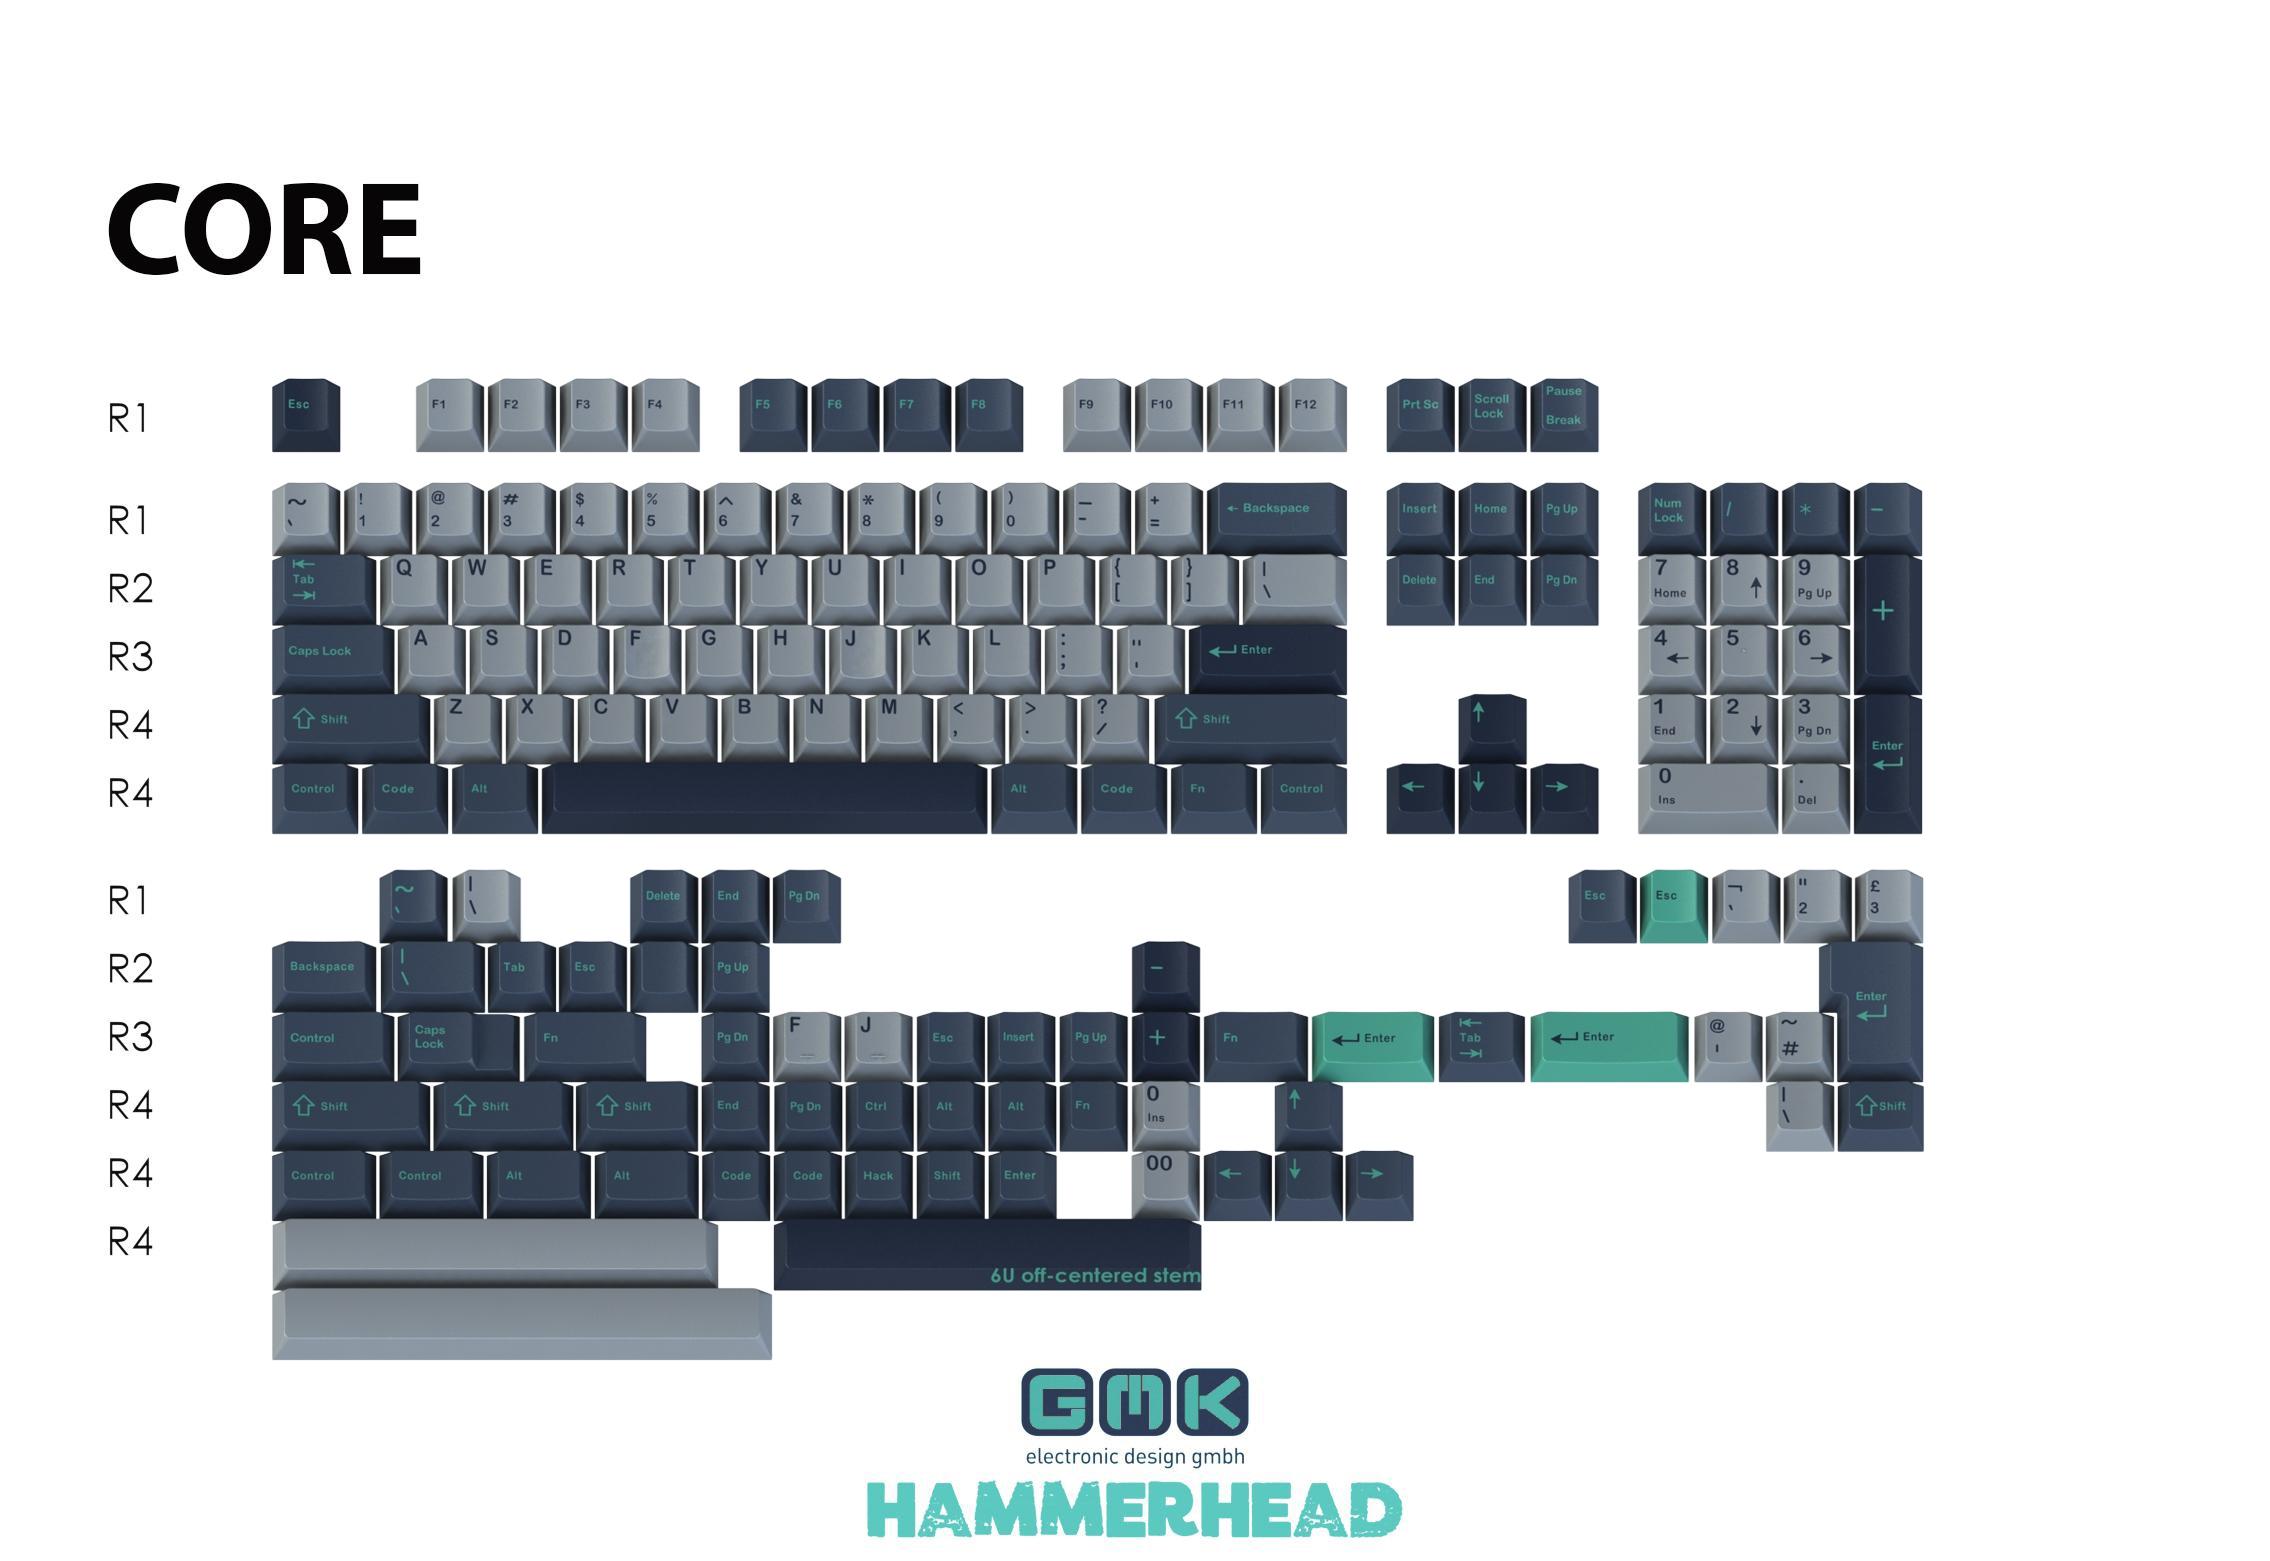 gmk-hammerhead-core-final